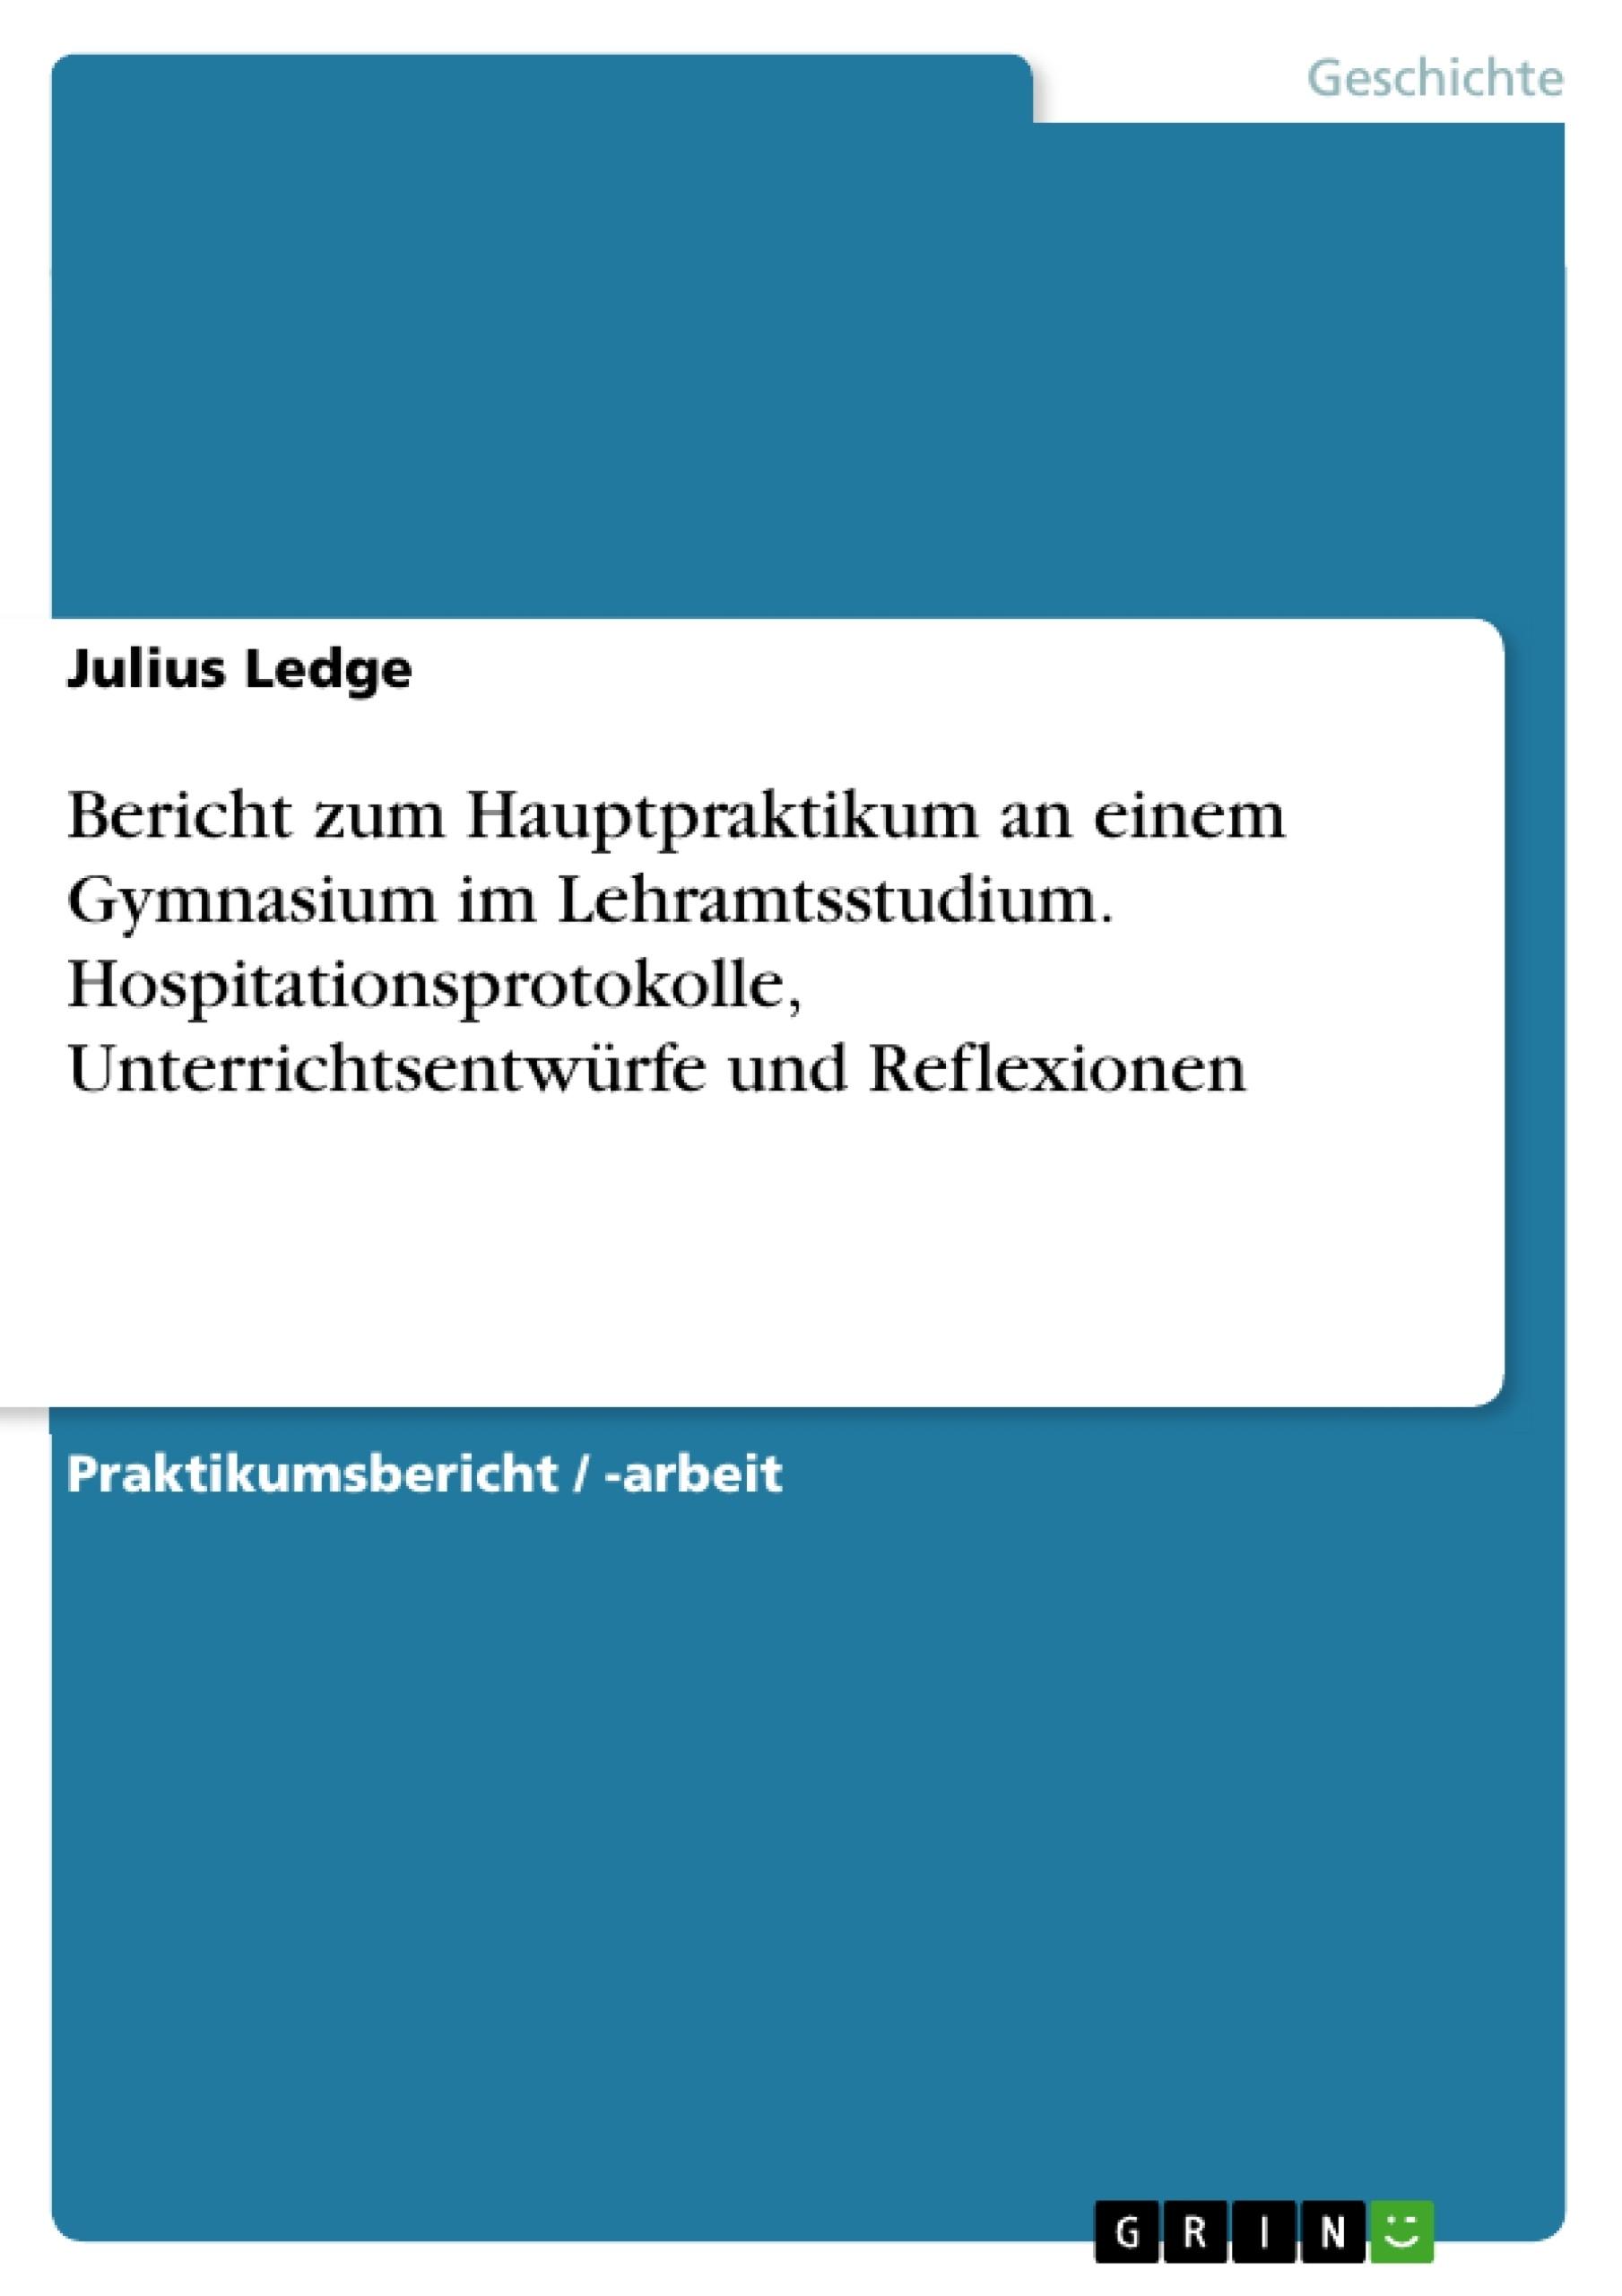 Titel: Bericht zum Hauptpraktikum an einem Gymnasium im Lehramtsstudium. Hospitationsprotokolle, Unterrichtsentwürfe und Reflexionen